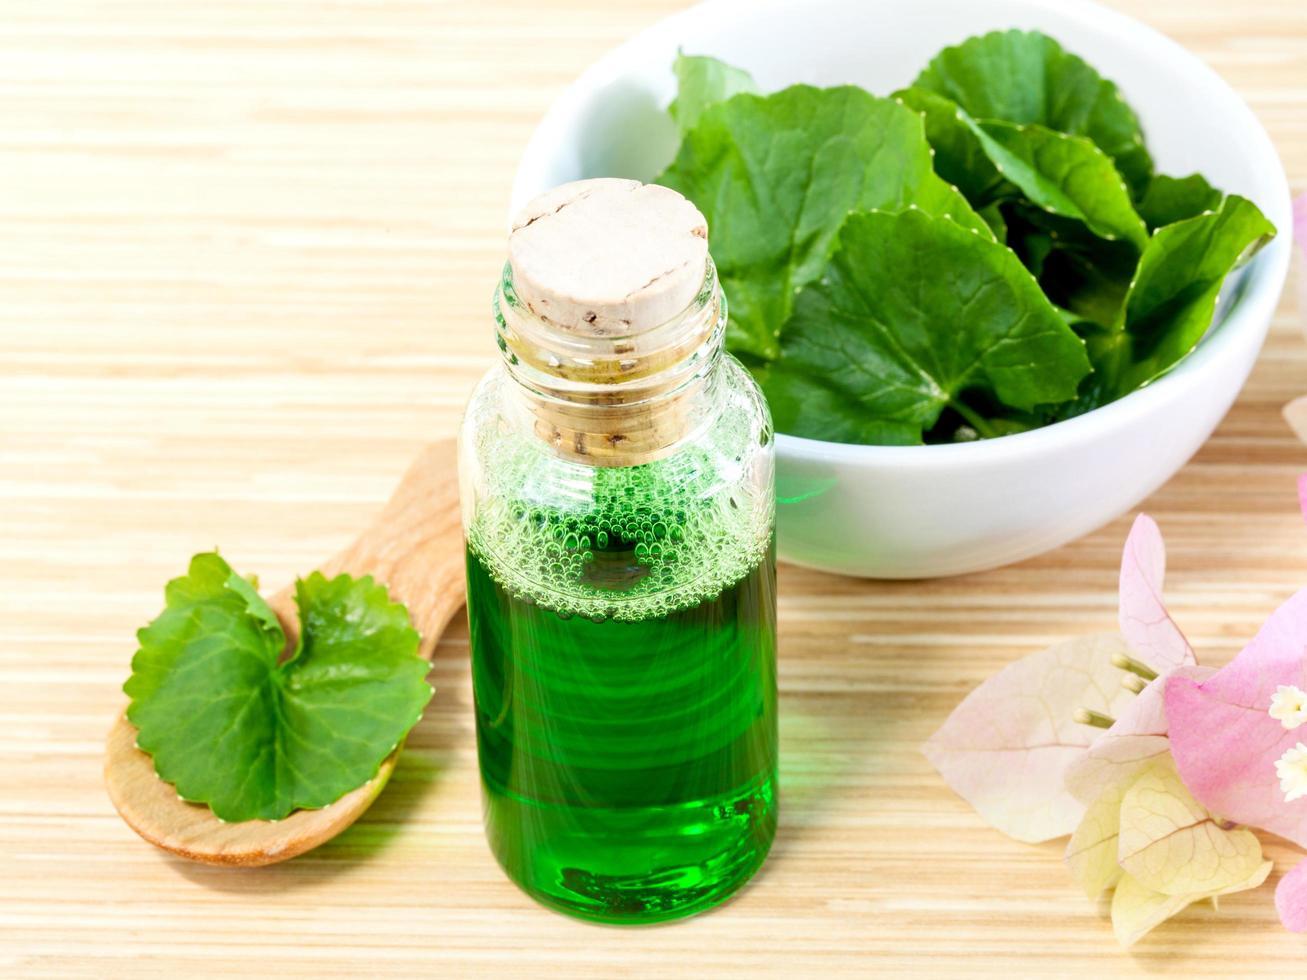 huile de centella asiatica photo